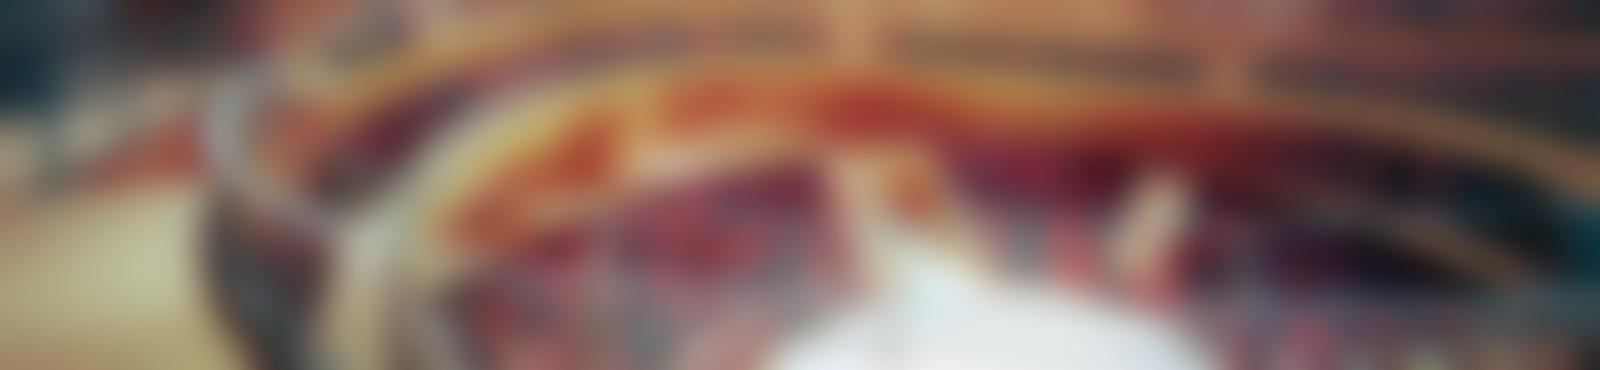 Blurred e5e8926b a326 4913 8a20 152921308821